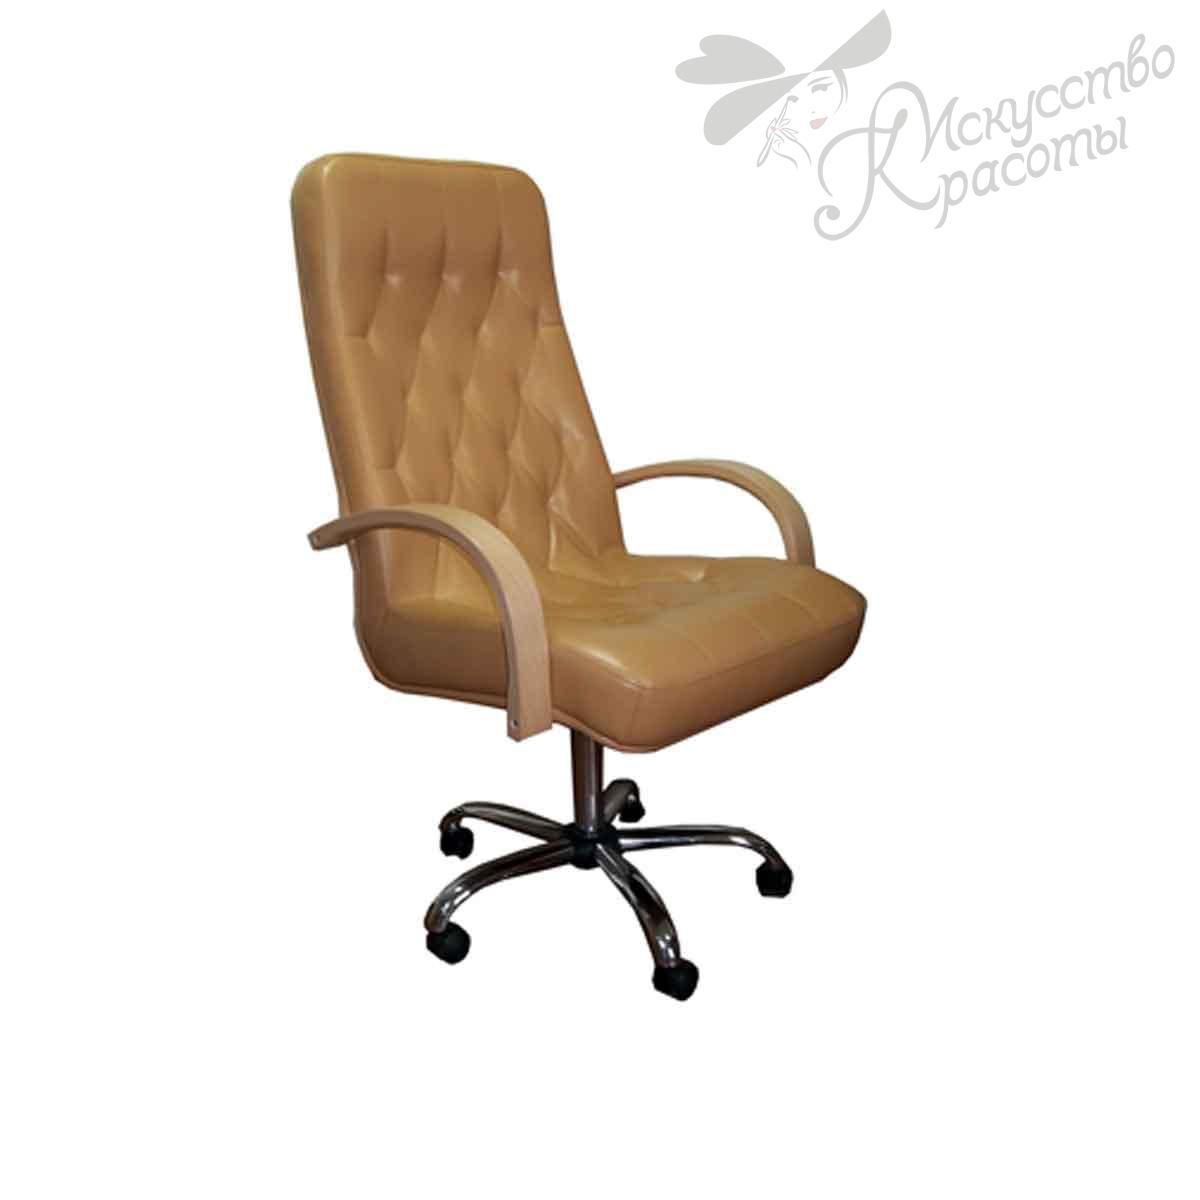 Педикюрное кресло Премьер на базе